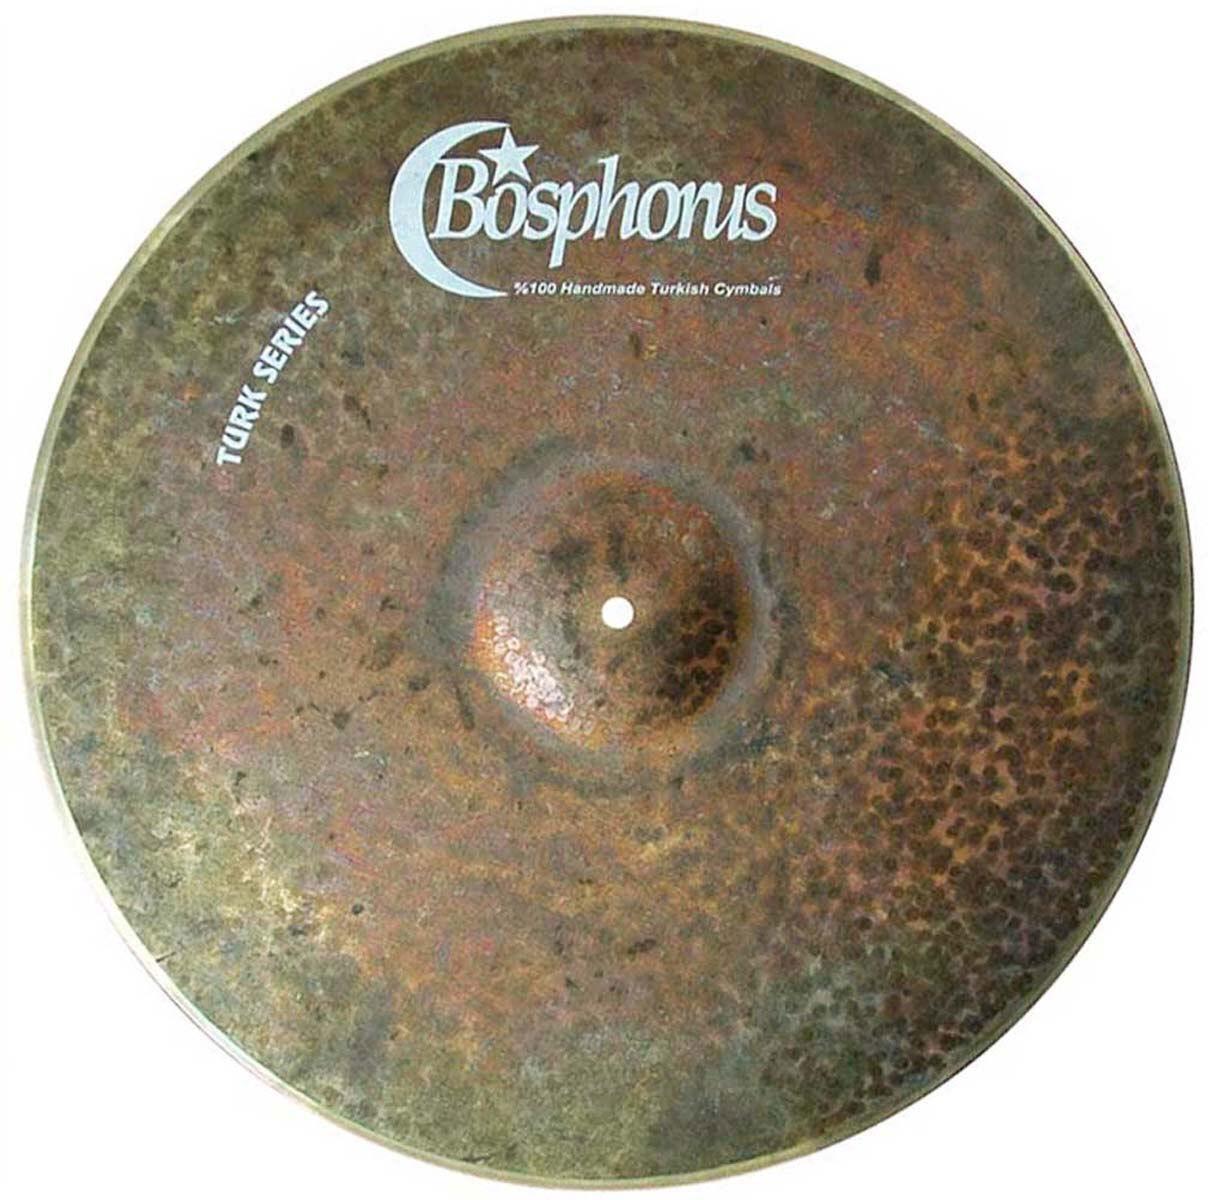 BOSPHORUS Turk Serie Splash 8